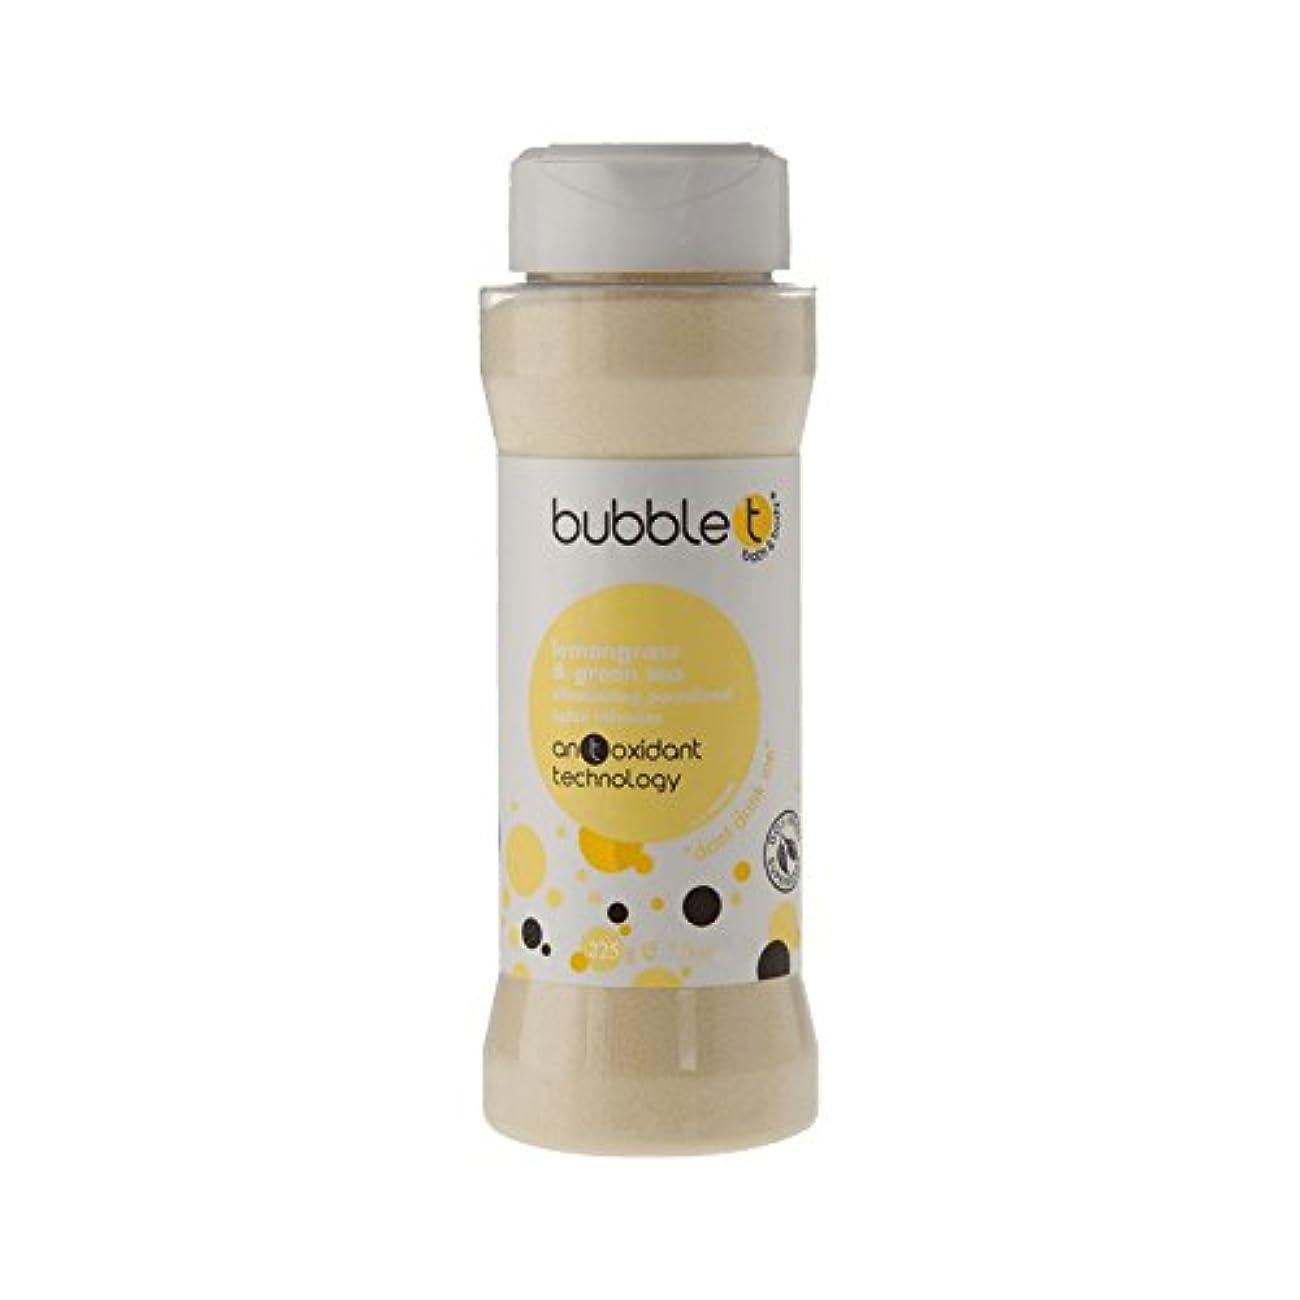 コークス選出する教Bubble T Bath Spice Infusion Lemongrass & Green Tea 225g (Pack of 6) - バブルトン風呂スパイス注入レモングラス&緑茶225グラム (x6) [並行輸入品]